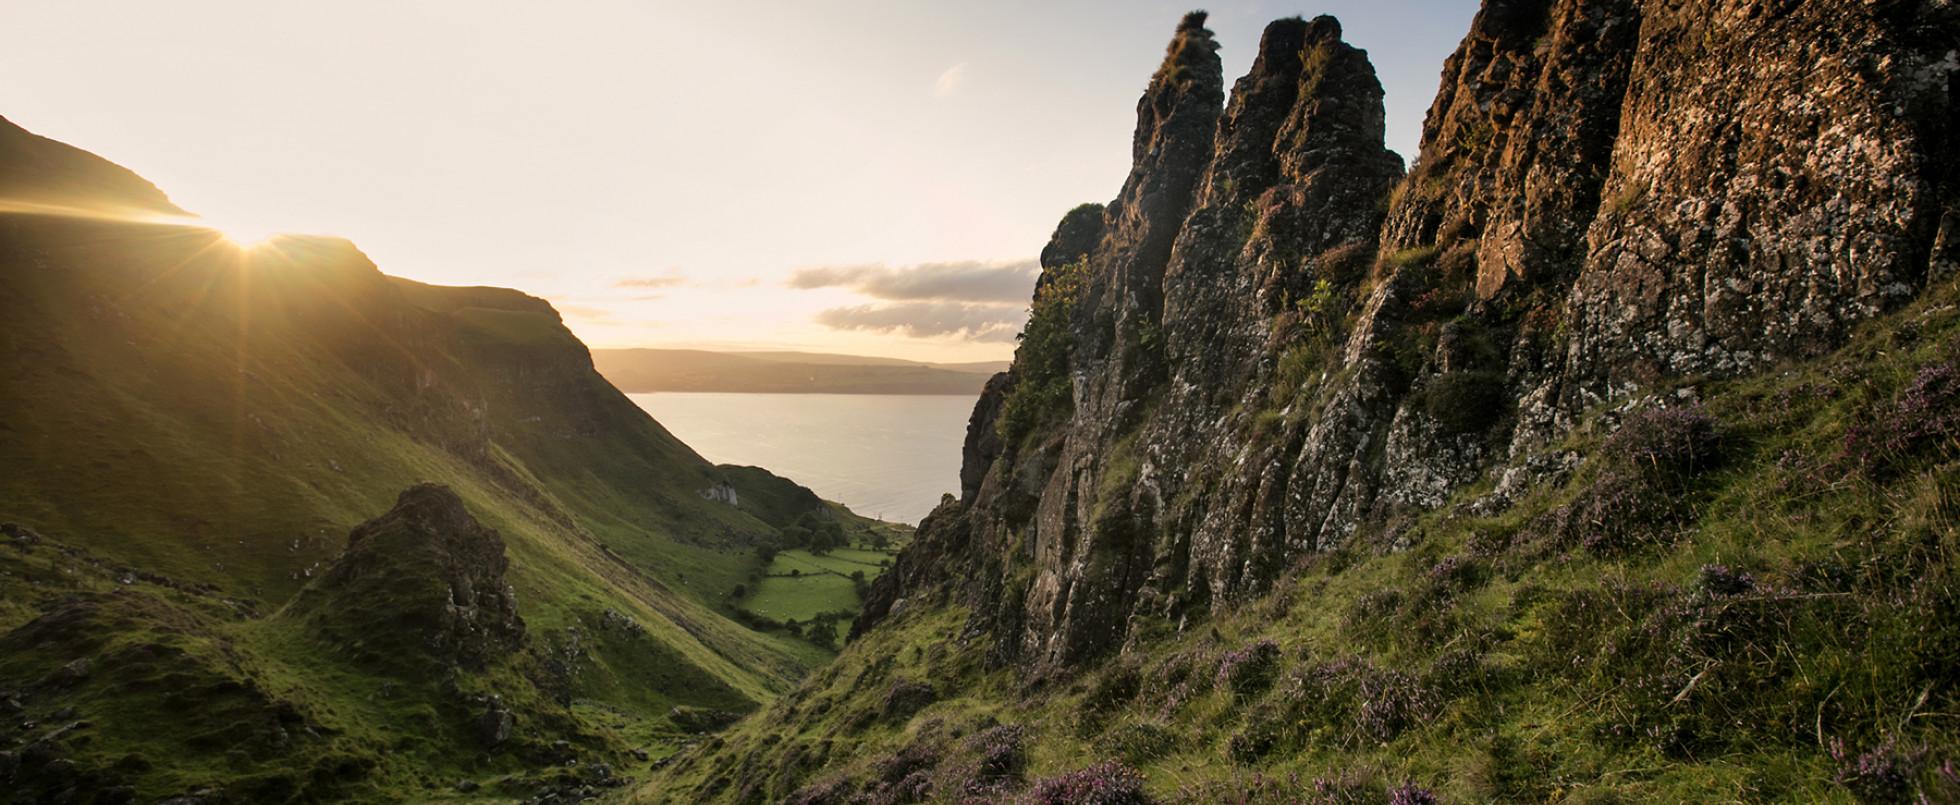 Hidden Village of Galboly: Runestone